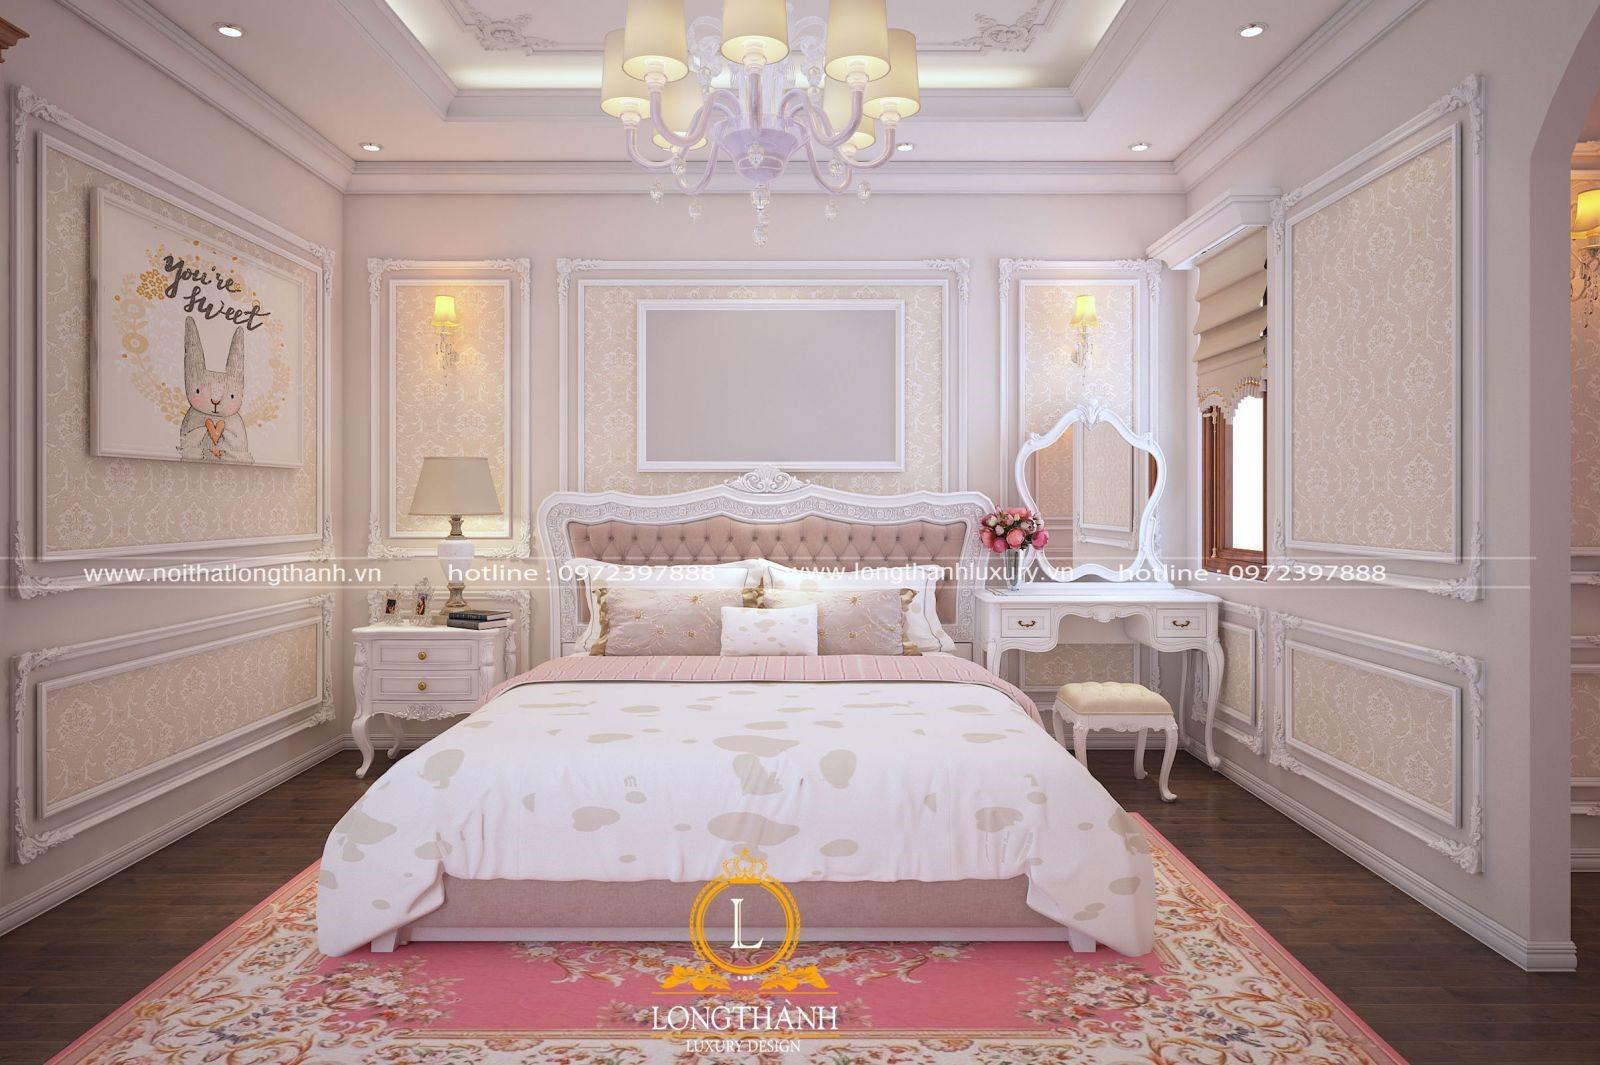 Thiết kế phòng ngủ con gái với tone hồng dễ thương